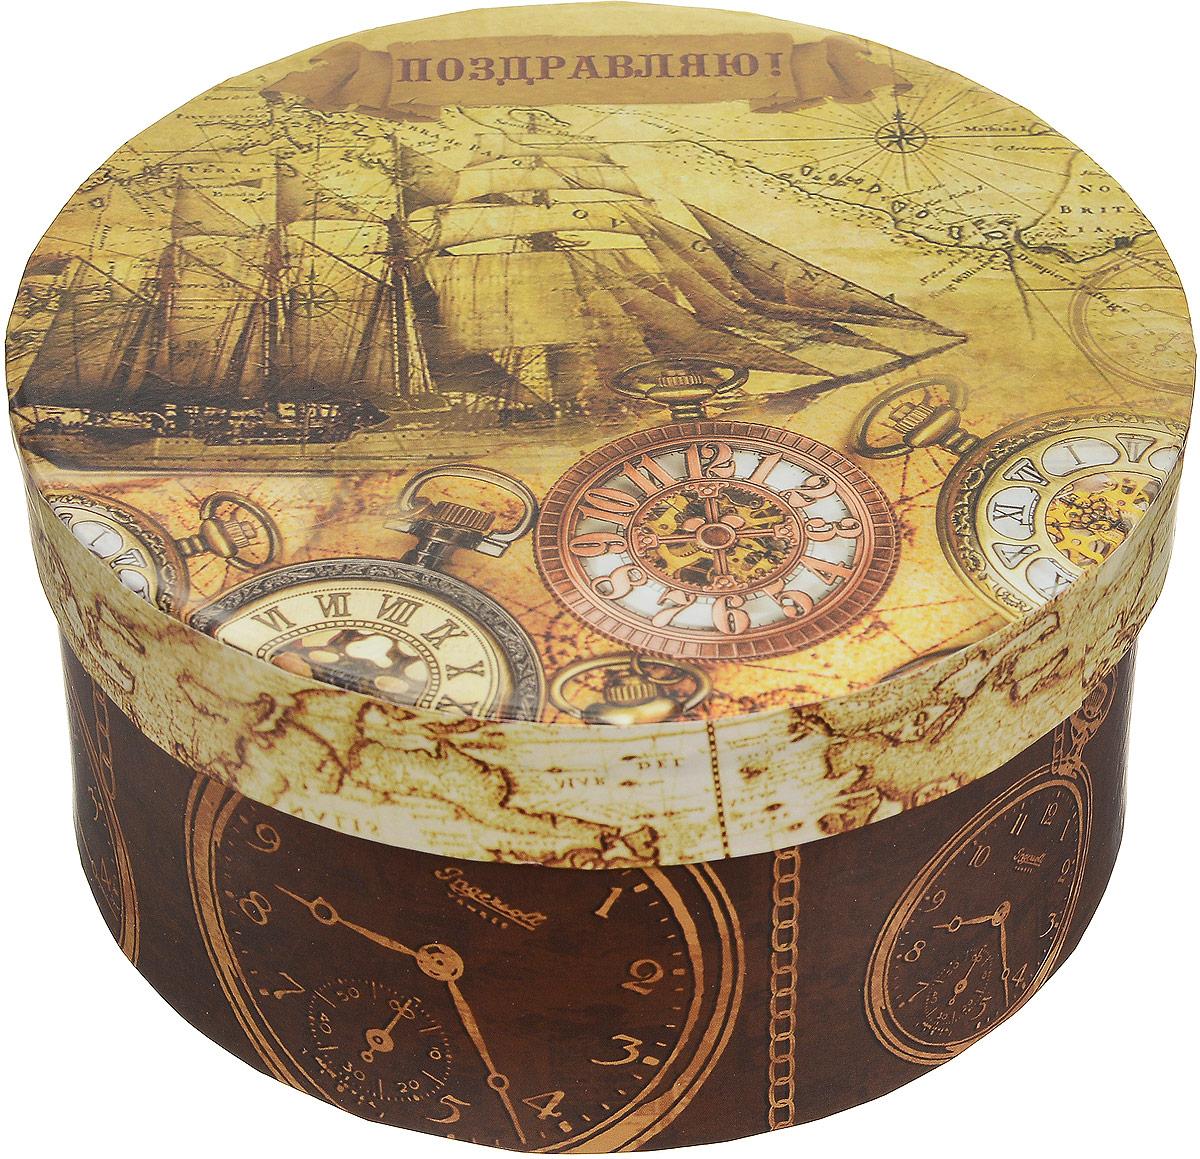 Коробка подарочная Magic Home Хронографы, круглая, 14 х 14 х 7 см44286Подарочная коробка Magic Home Хронографы, выполнена из мелованного ламинированного картона. Коробочка оформлена оригинальным рисунком с часами и парусником. Изделие имеет круглую форму и закрывается крышкой с надписью Поздравляю!. Подарочная коробка - это наилучшее решение, если вы хотите порадовать близких людей и создать праздничное настроение, ведь подарок, преподнесенный в оригинальной упаковке, всегда будет самым эффектным и запоминающимся. Окружите близких людей вниманием и заботой, вручив презент в нарядном, праздничном оформлении.